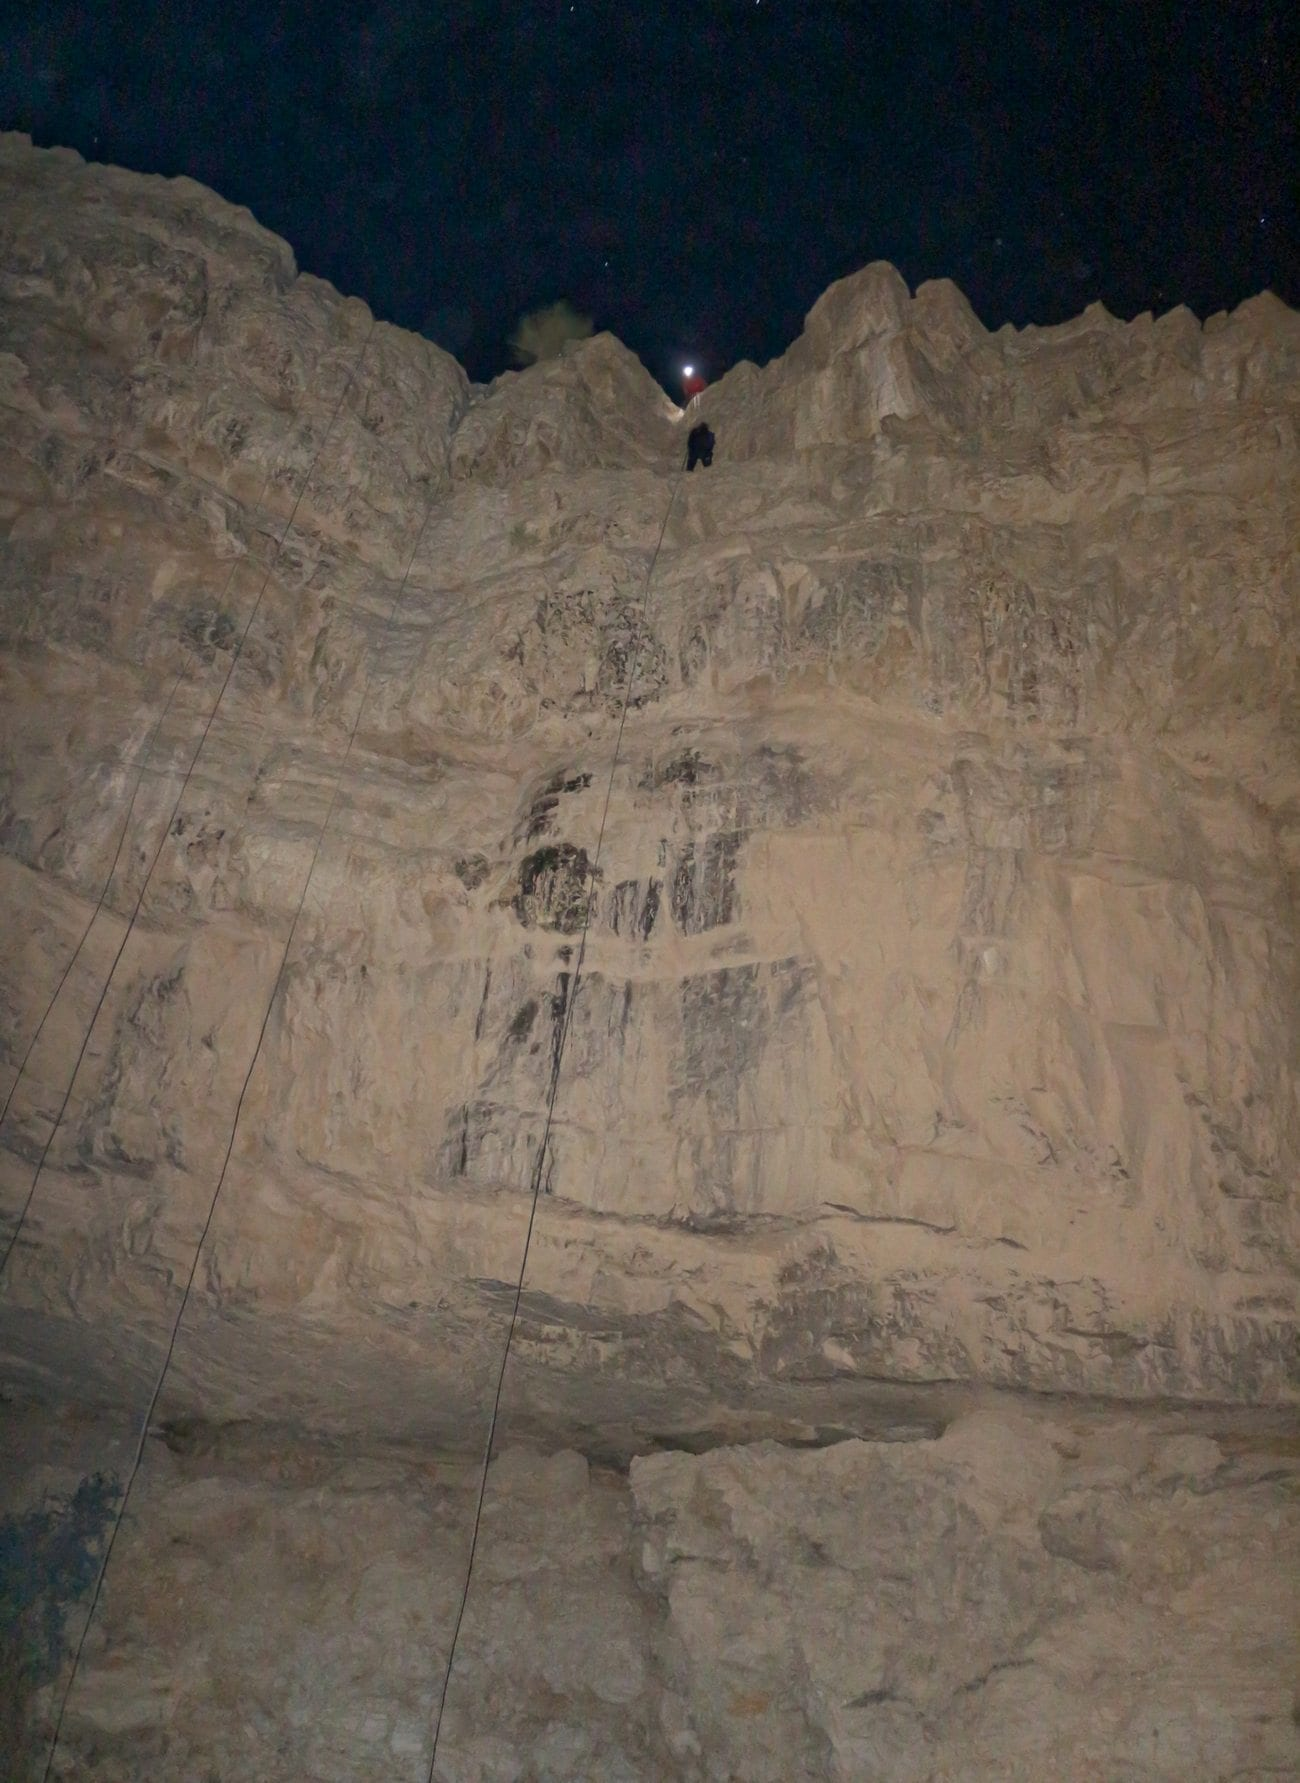 גלישת סנפלינג בלילה - ערוצים בטבע